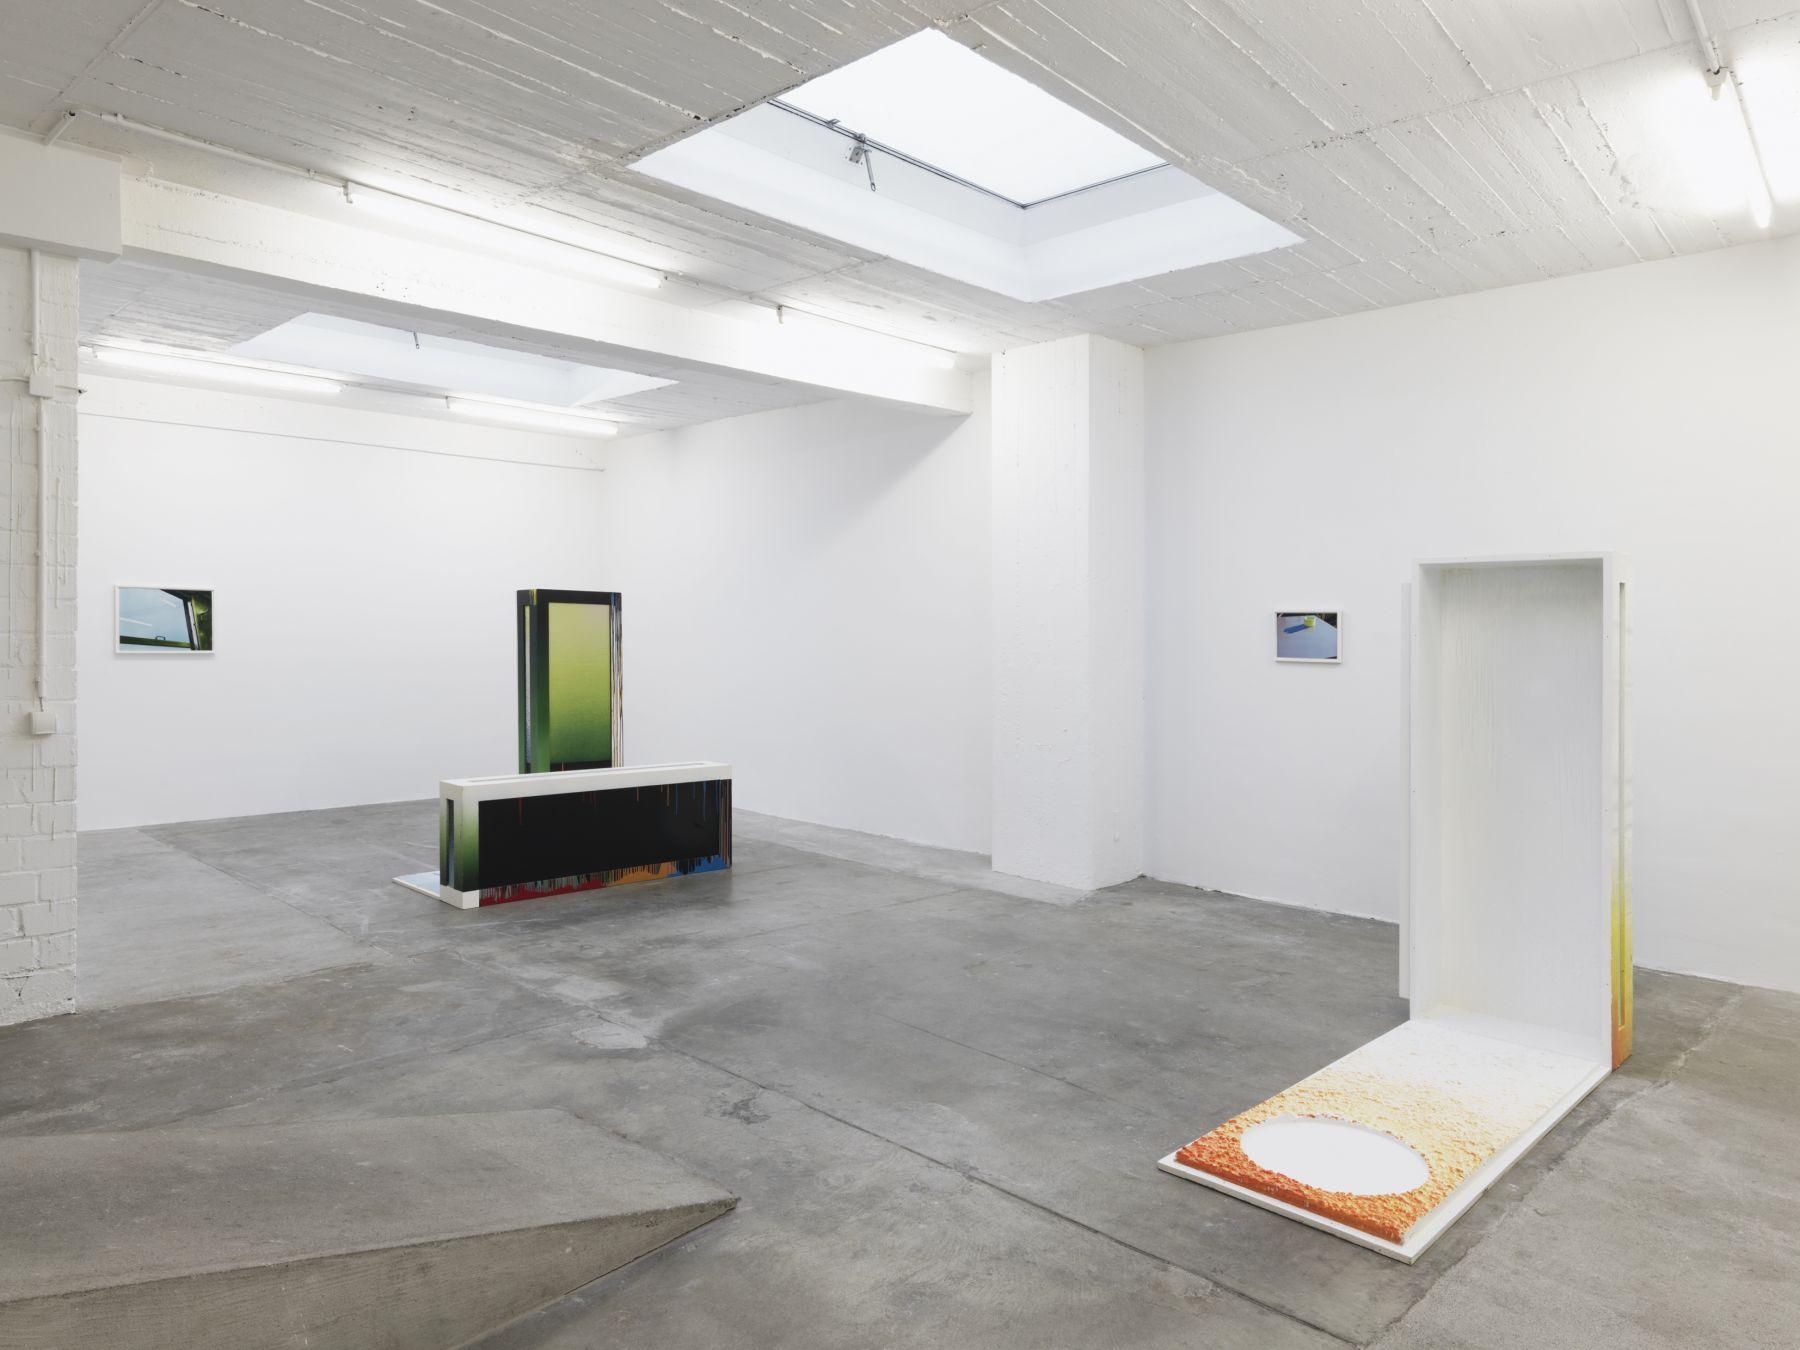 Exhibitionview Dike Blair,LinnLühn2014